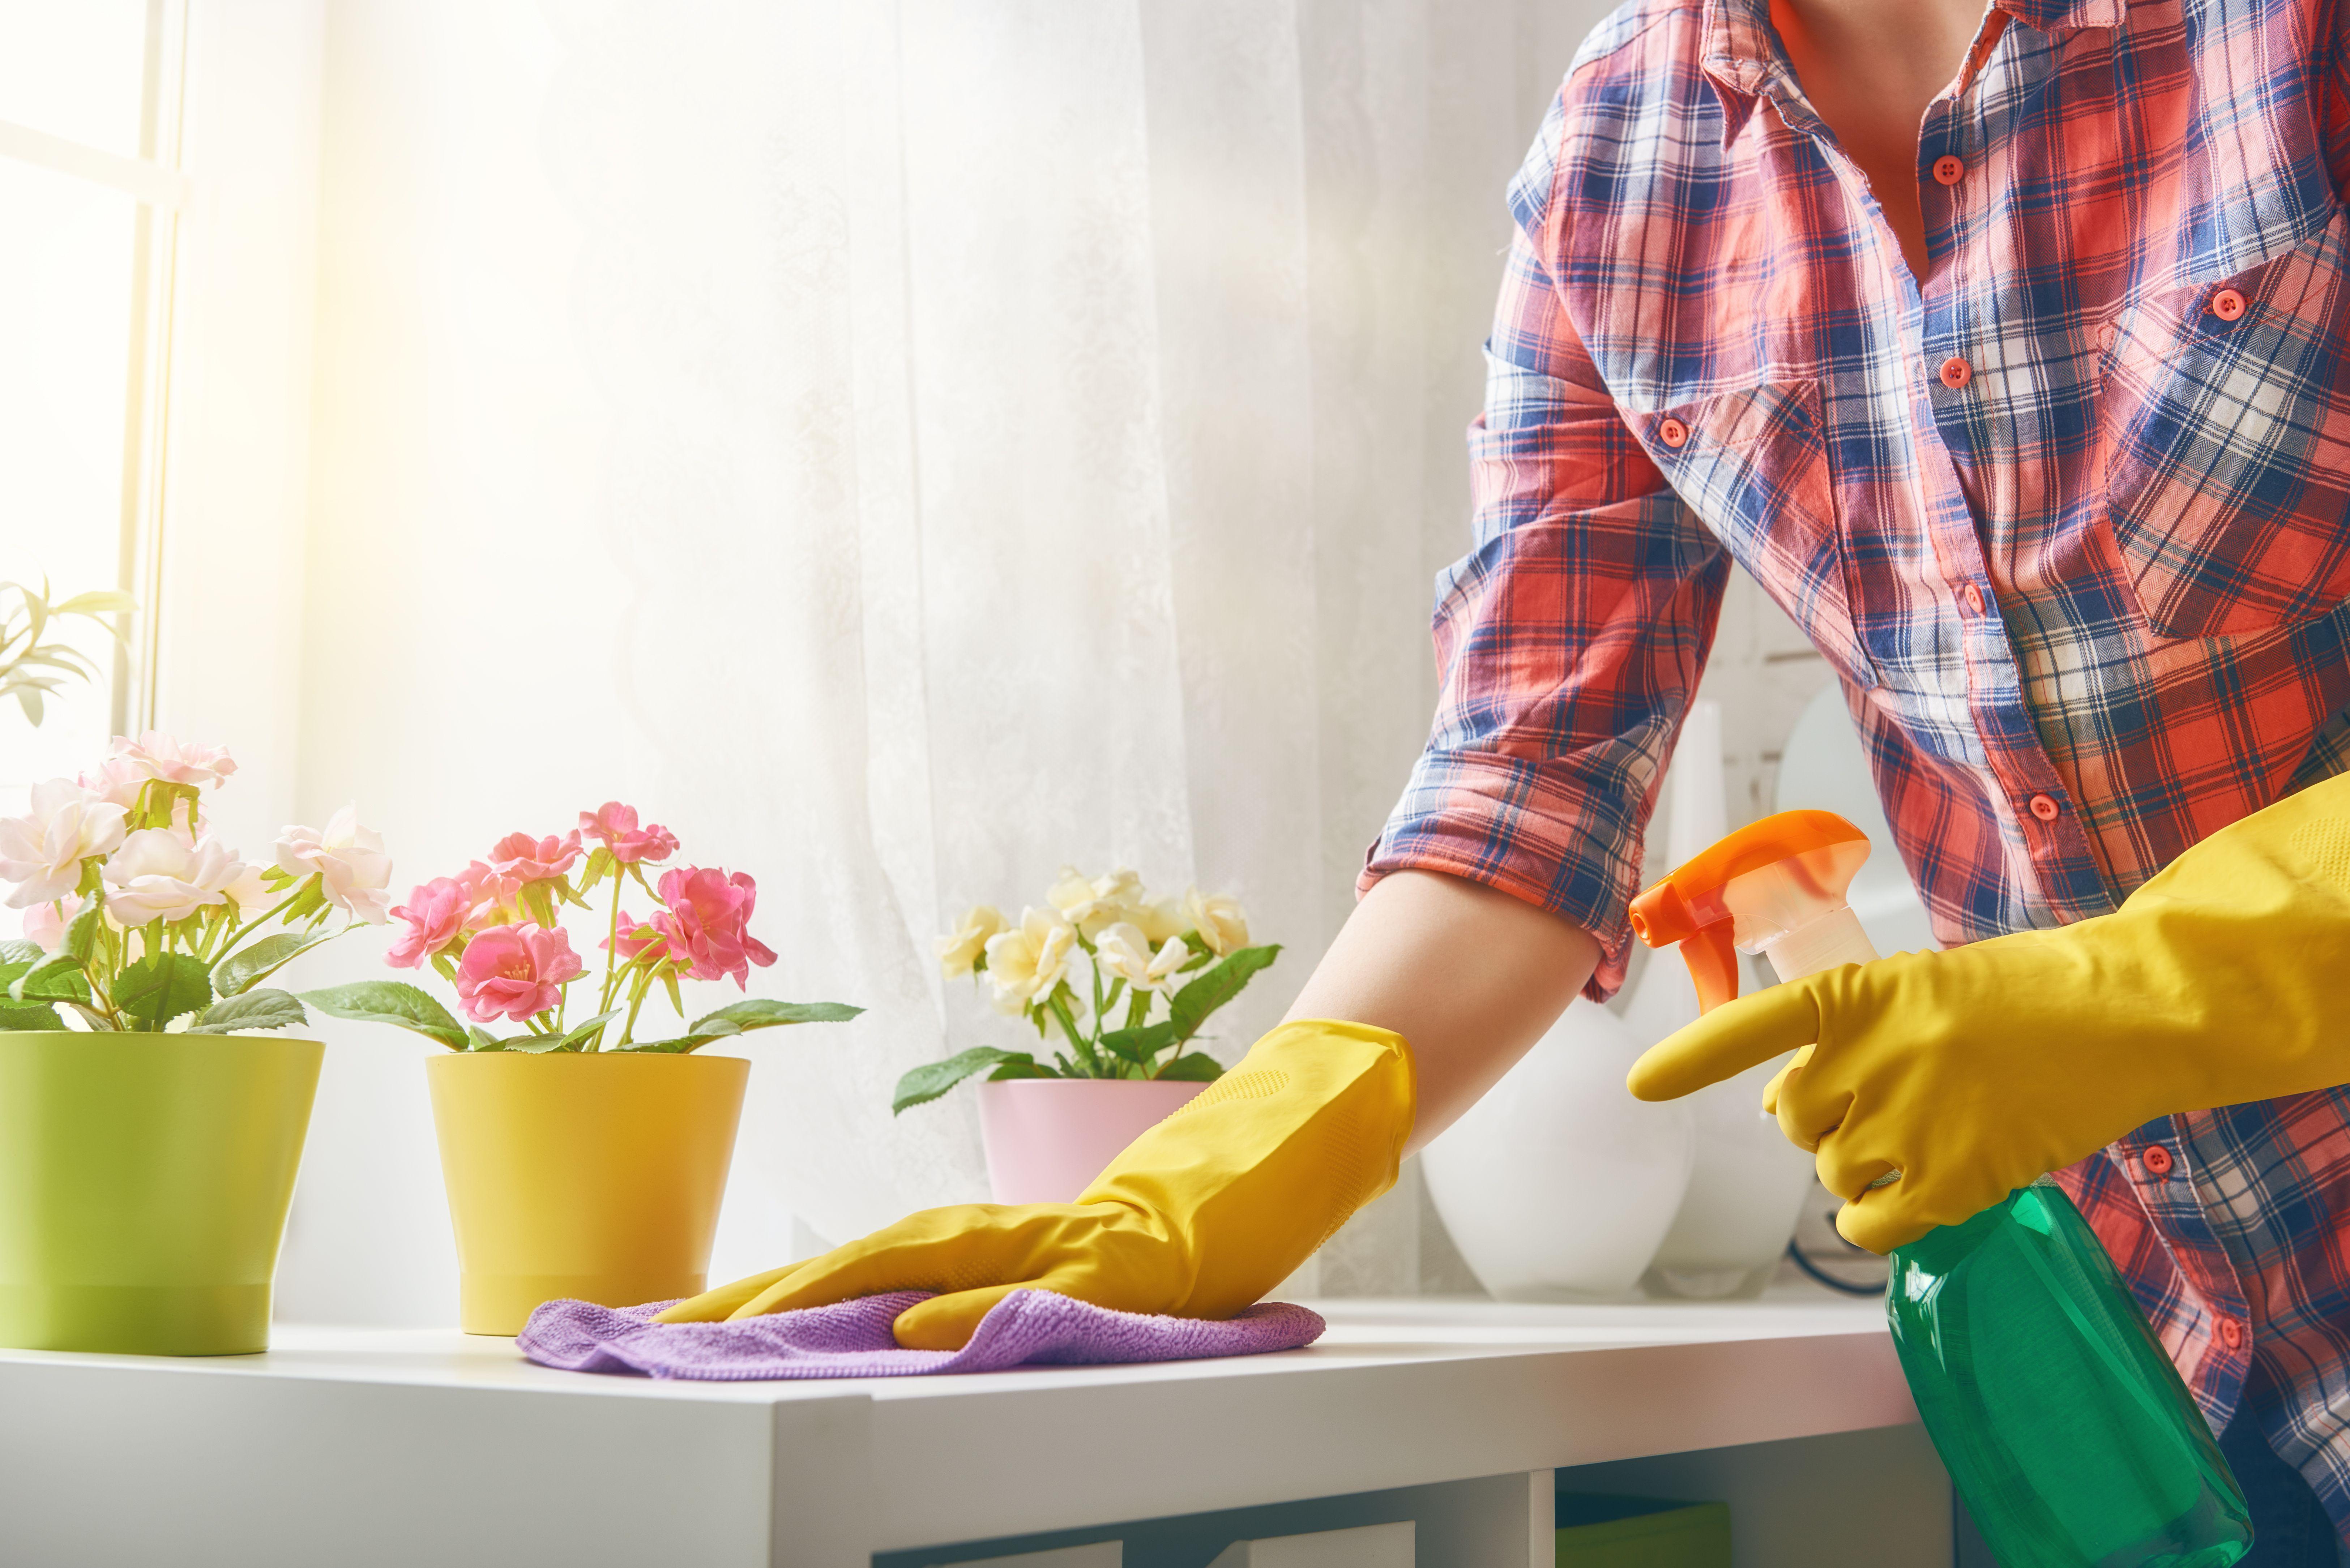 Limpiezas a particulares: SERVICIOS DE LIMPIEZA de Gracia Limpiezas Integrales